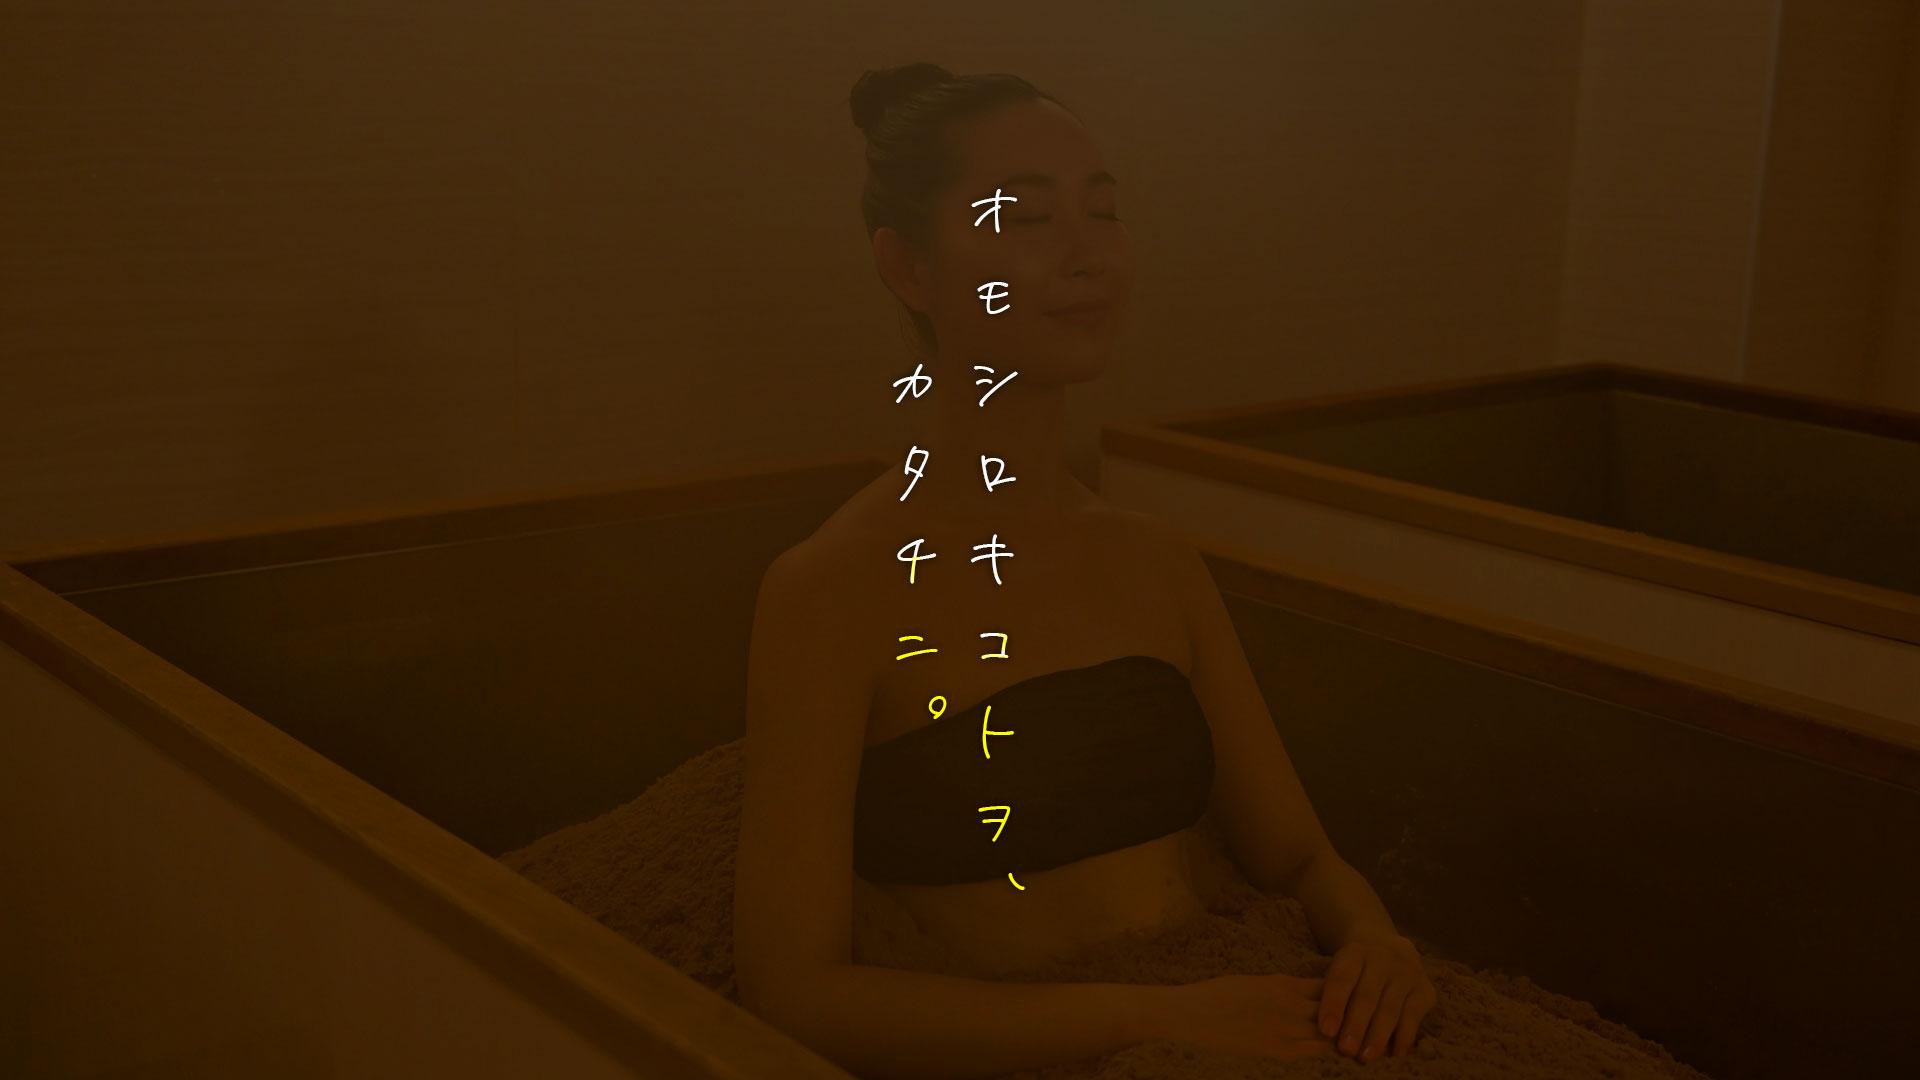 温熱木浴中の女性とコンセプト「オモシロキコトヲ、カタチニ。」